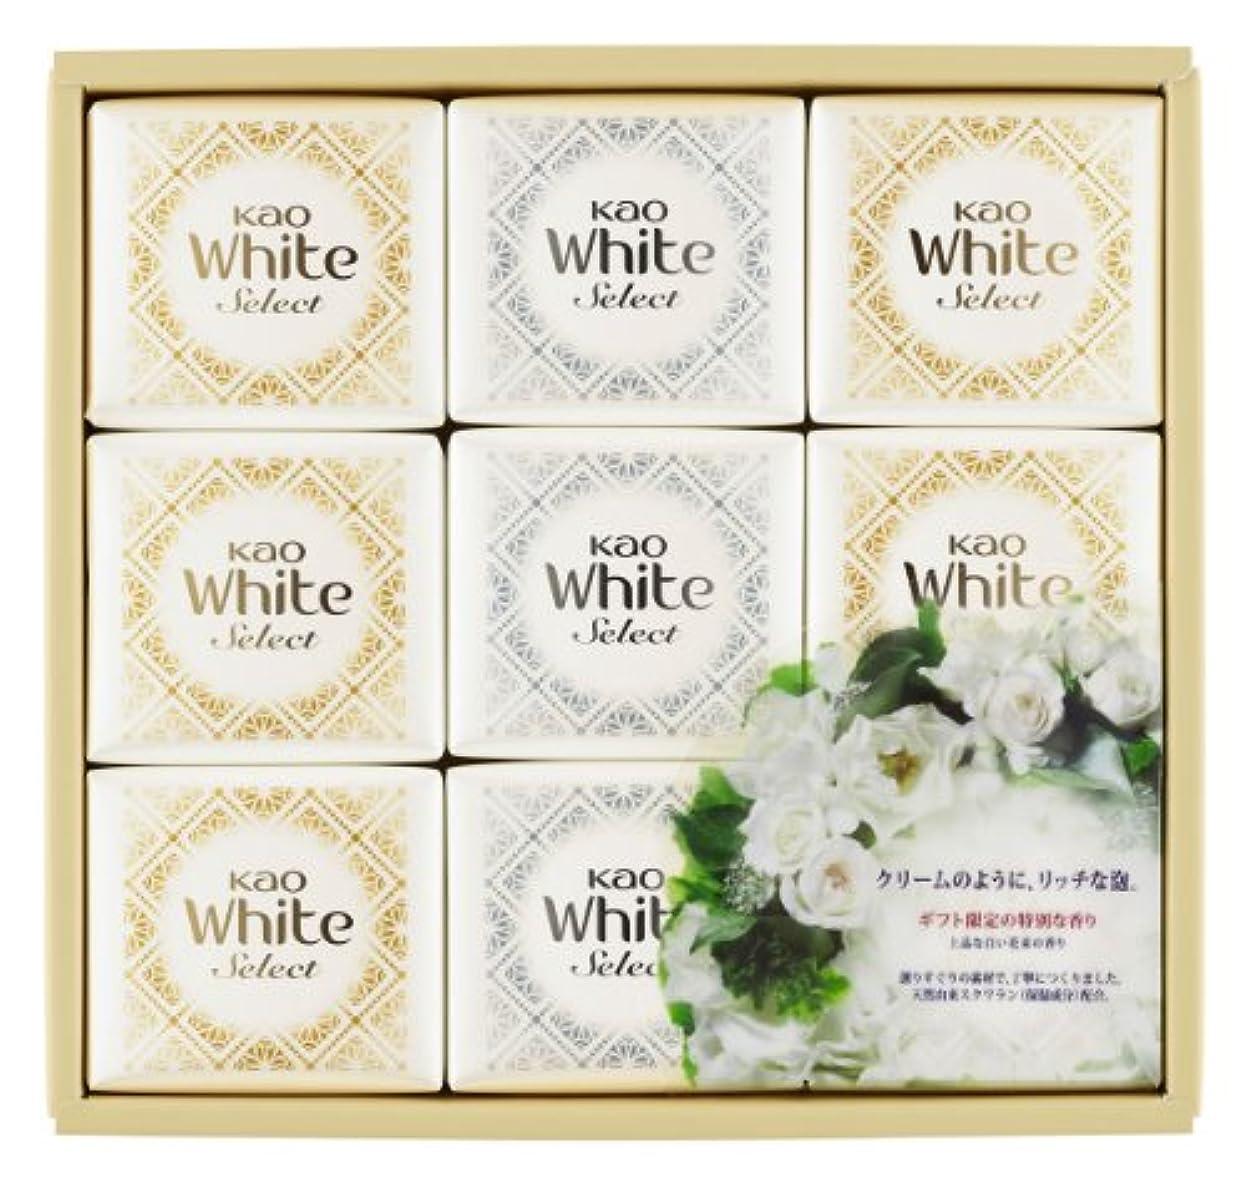 演じる家事塩辛い花王ホワイト セレクト 上品な白い花束の香り 85g 9コ K?WS-15